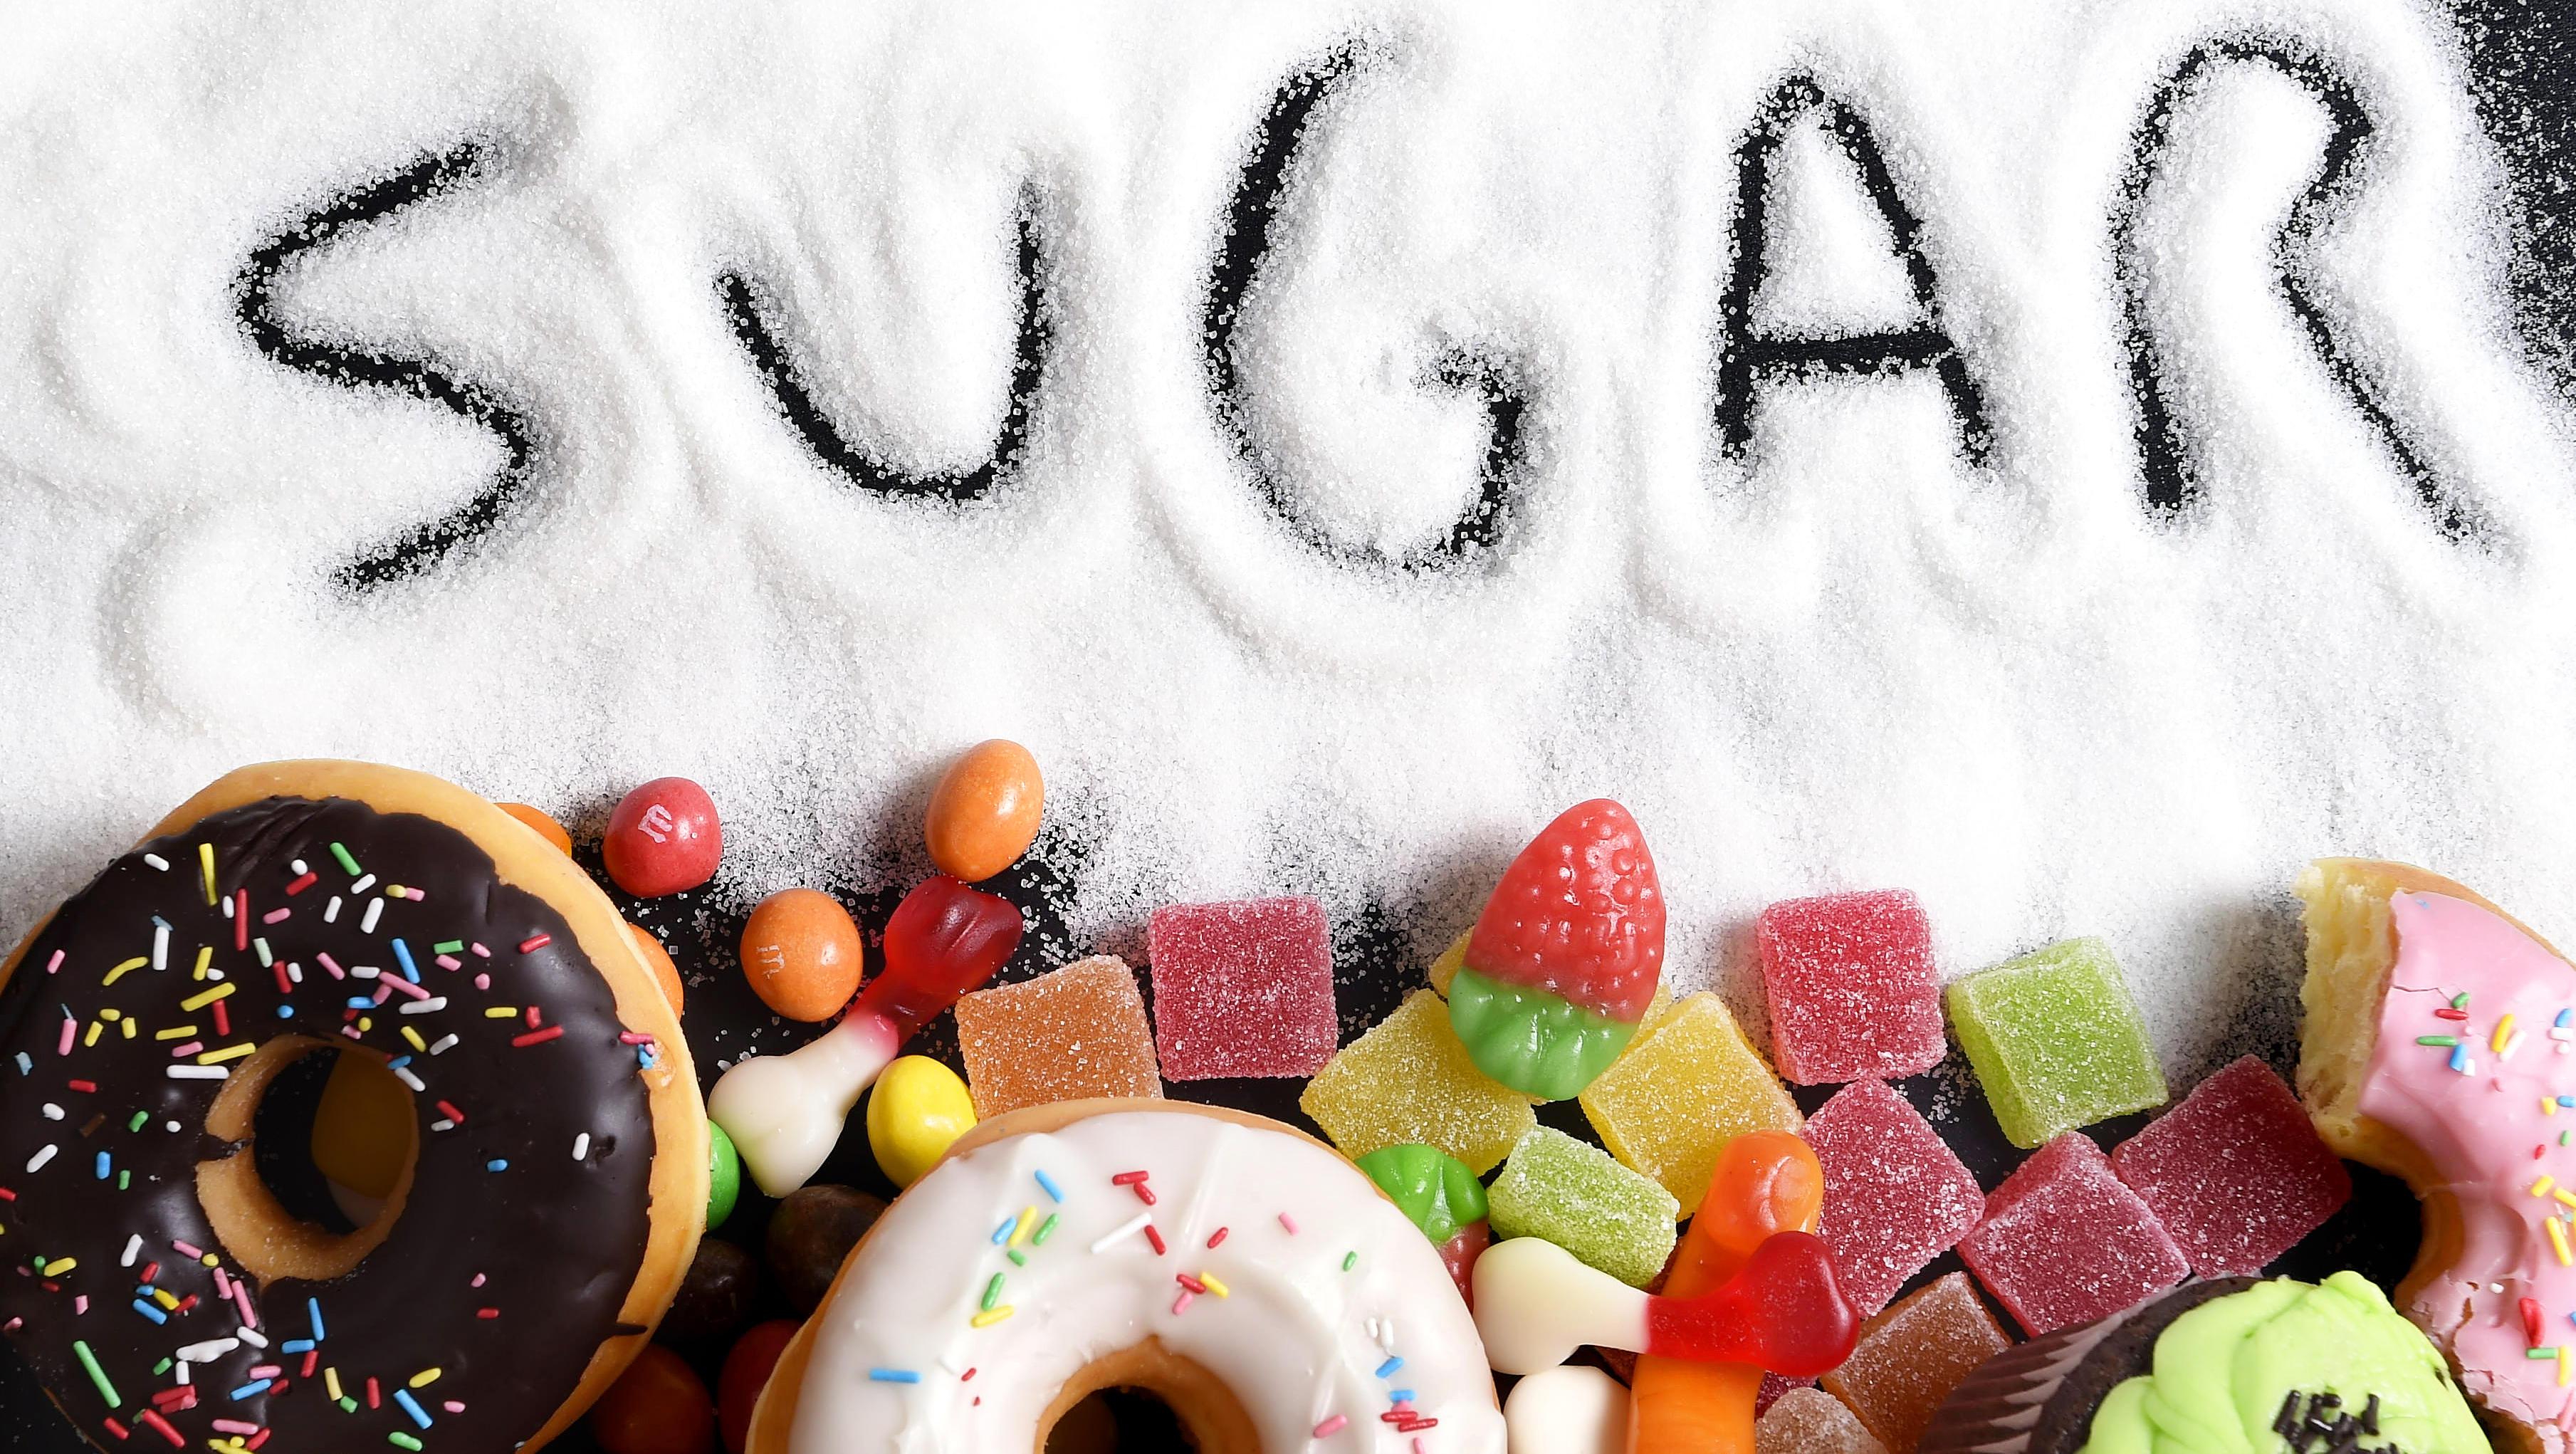 sugar crop - Added sugars ingredient names